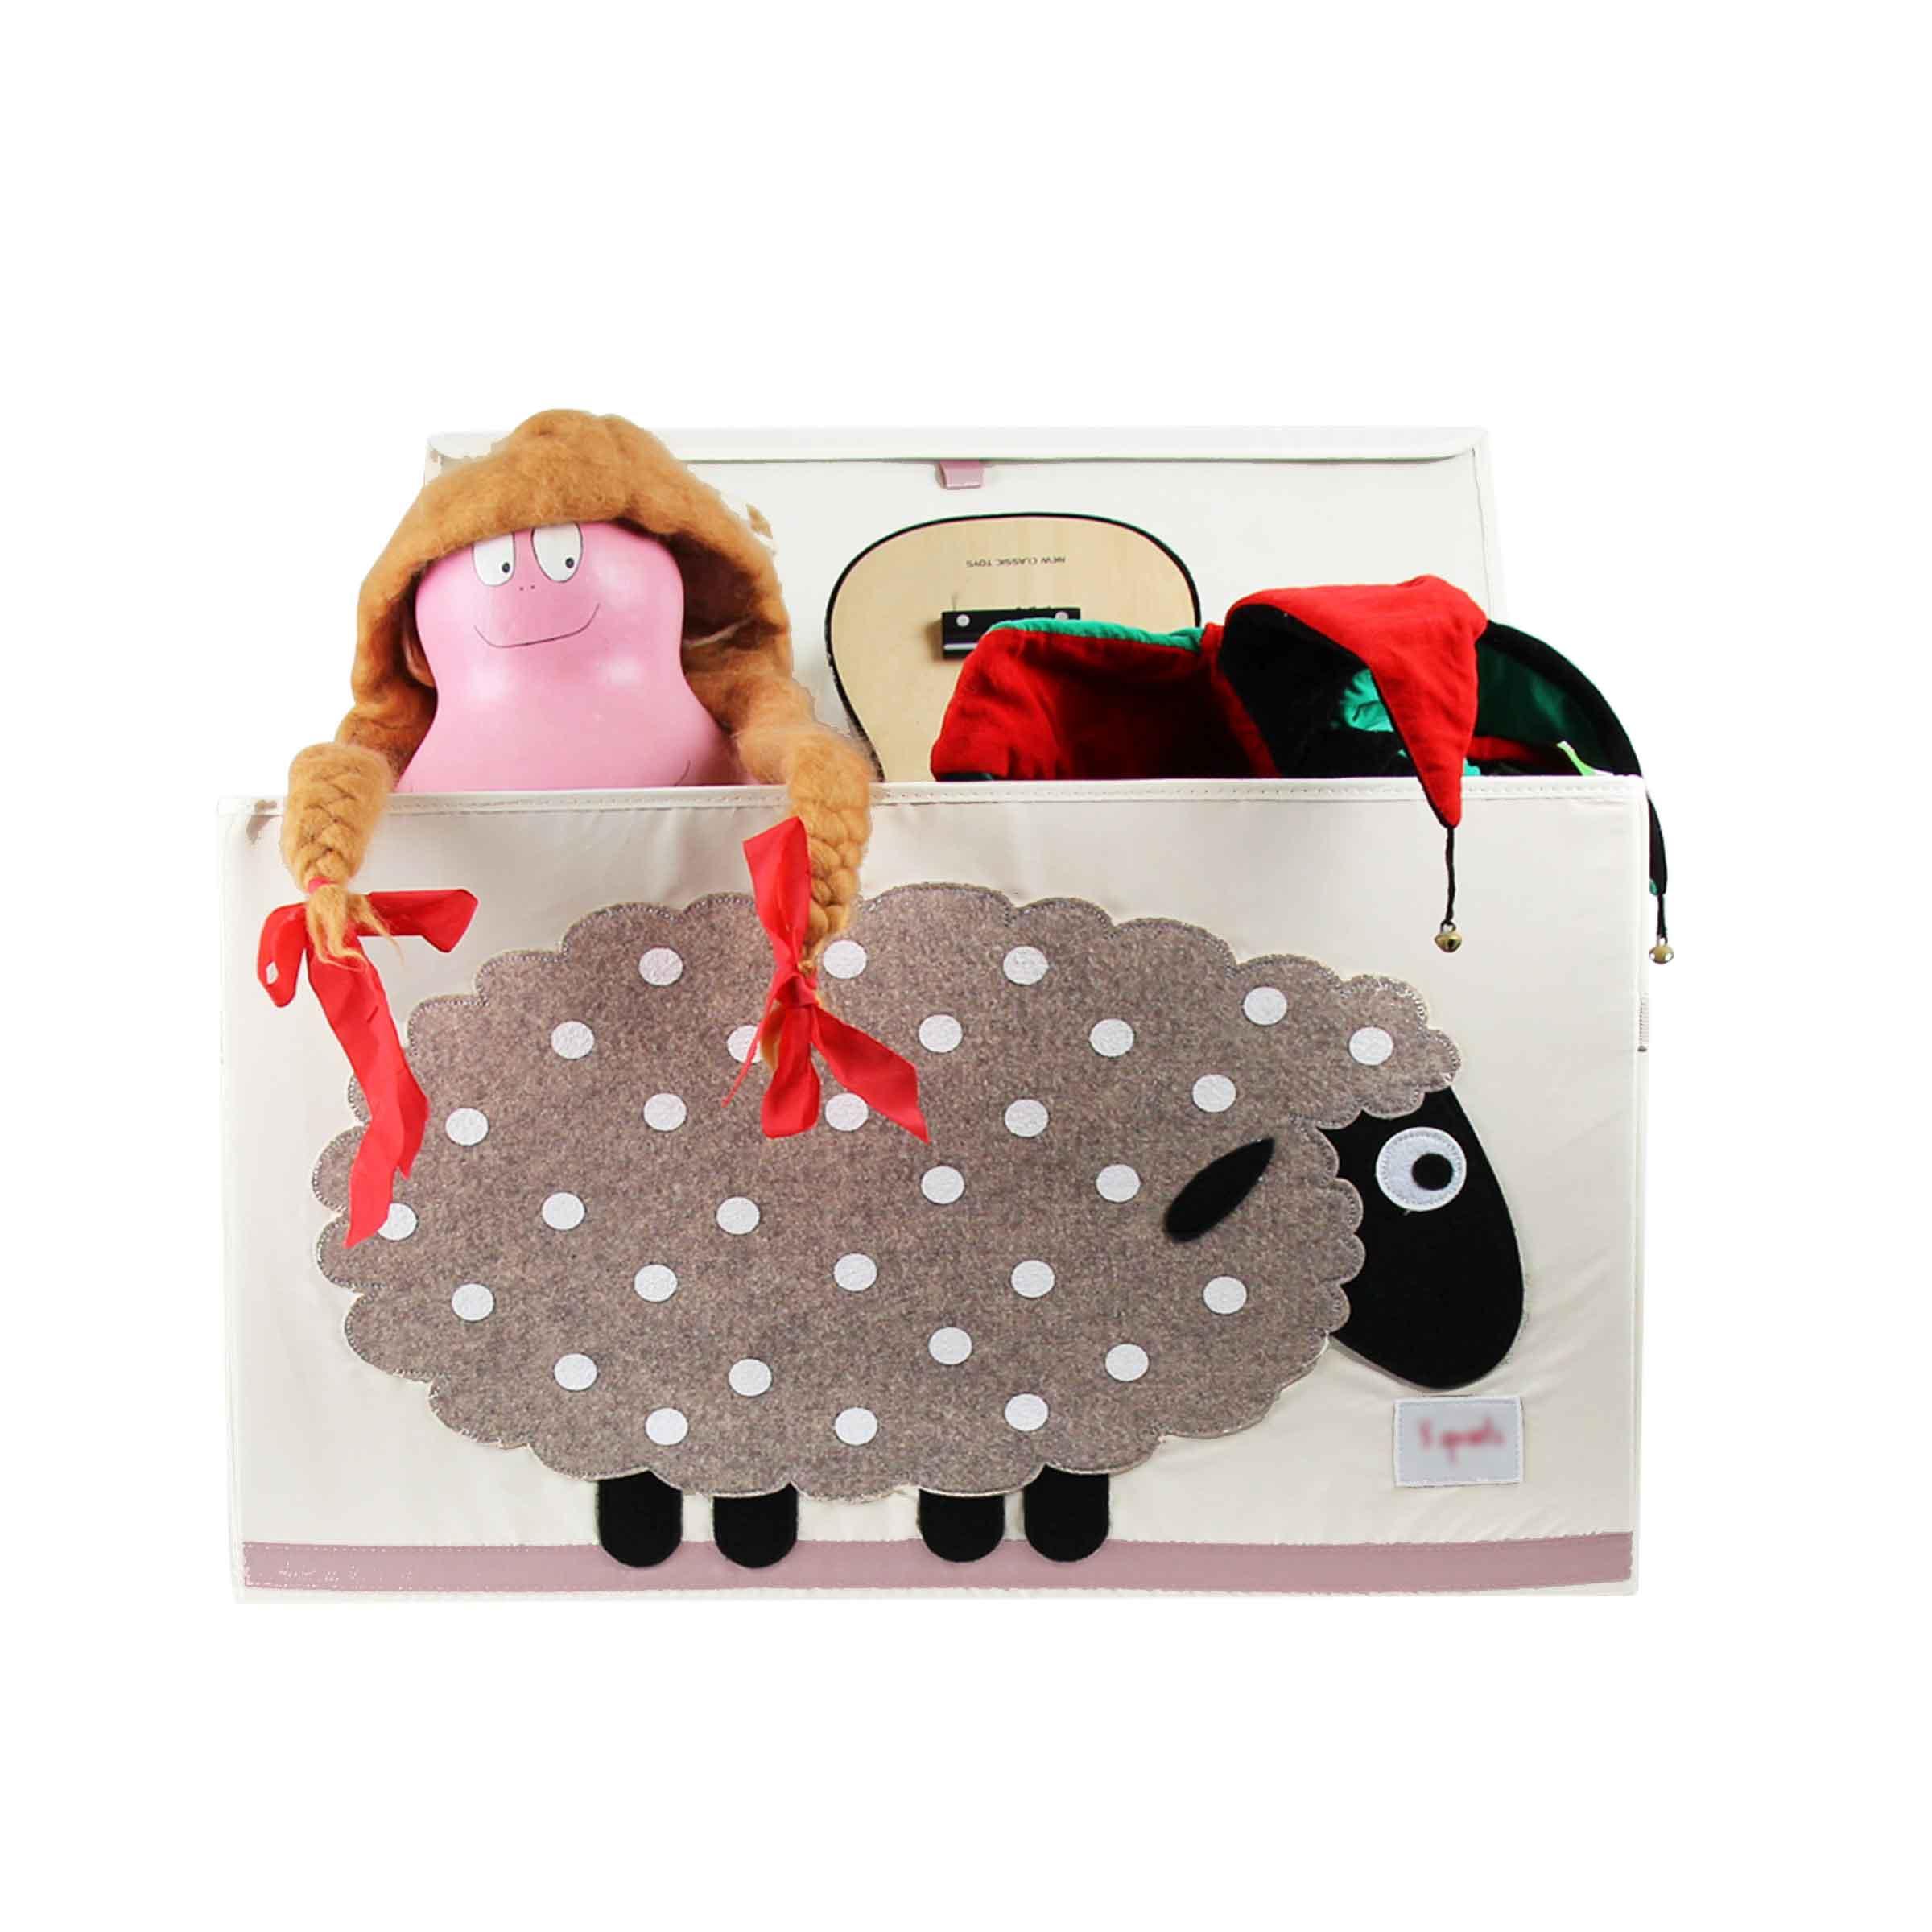 Malle de rangement en tissu pour jeux et jouets motif mouton